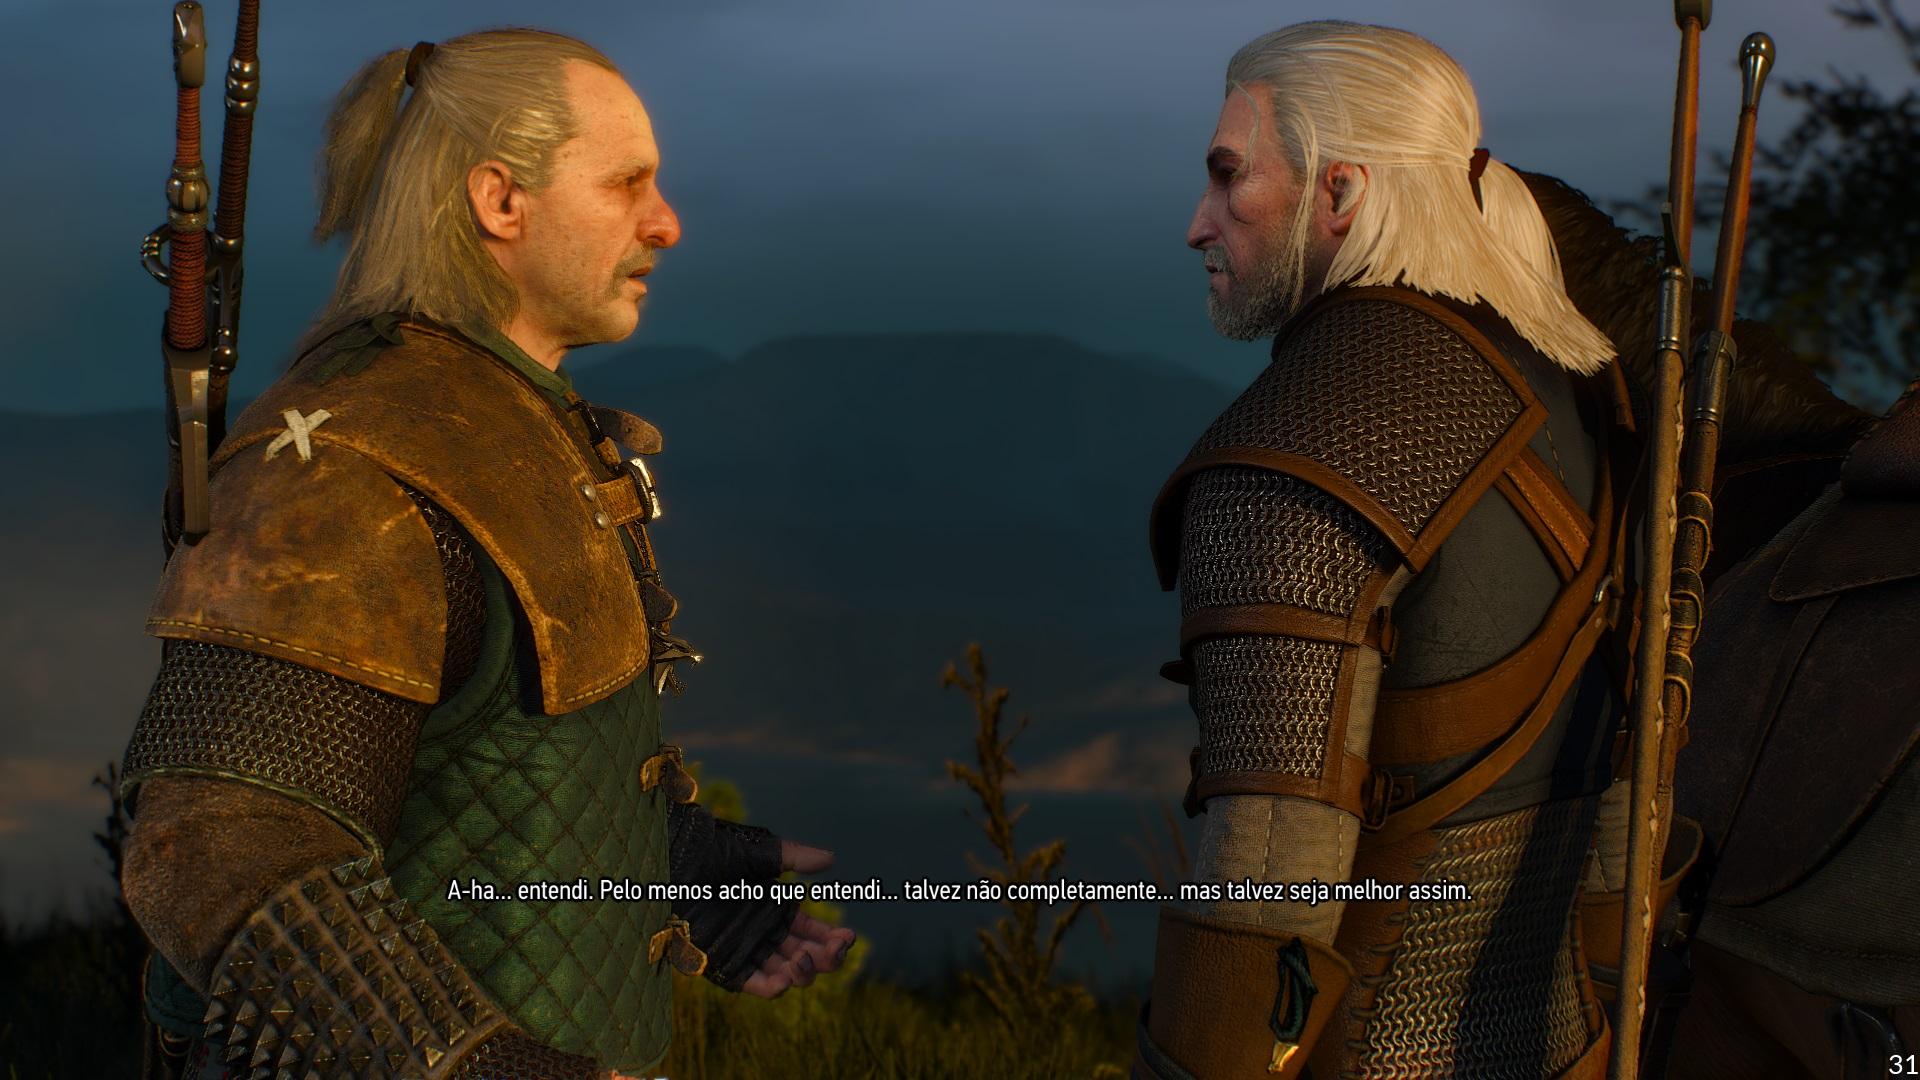 Só nas cutscenes, as cenas em que o jogador não controla os personagens, é que o FPS baixou para 31 (Reprodução: Guilherme Toscano)